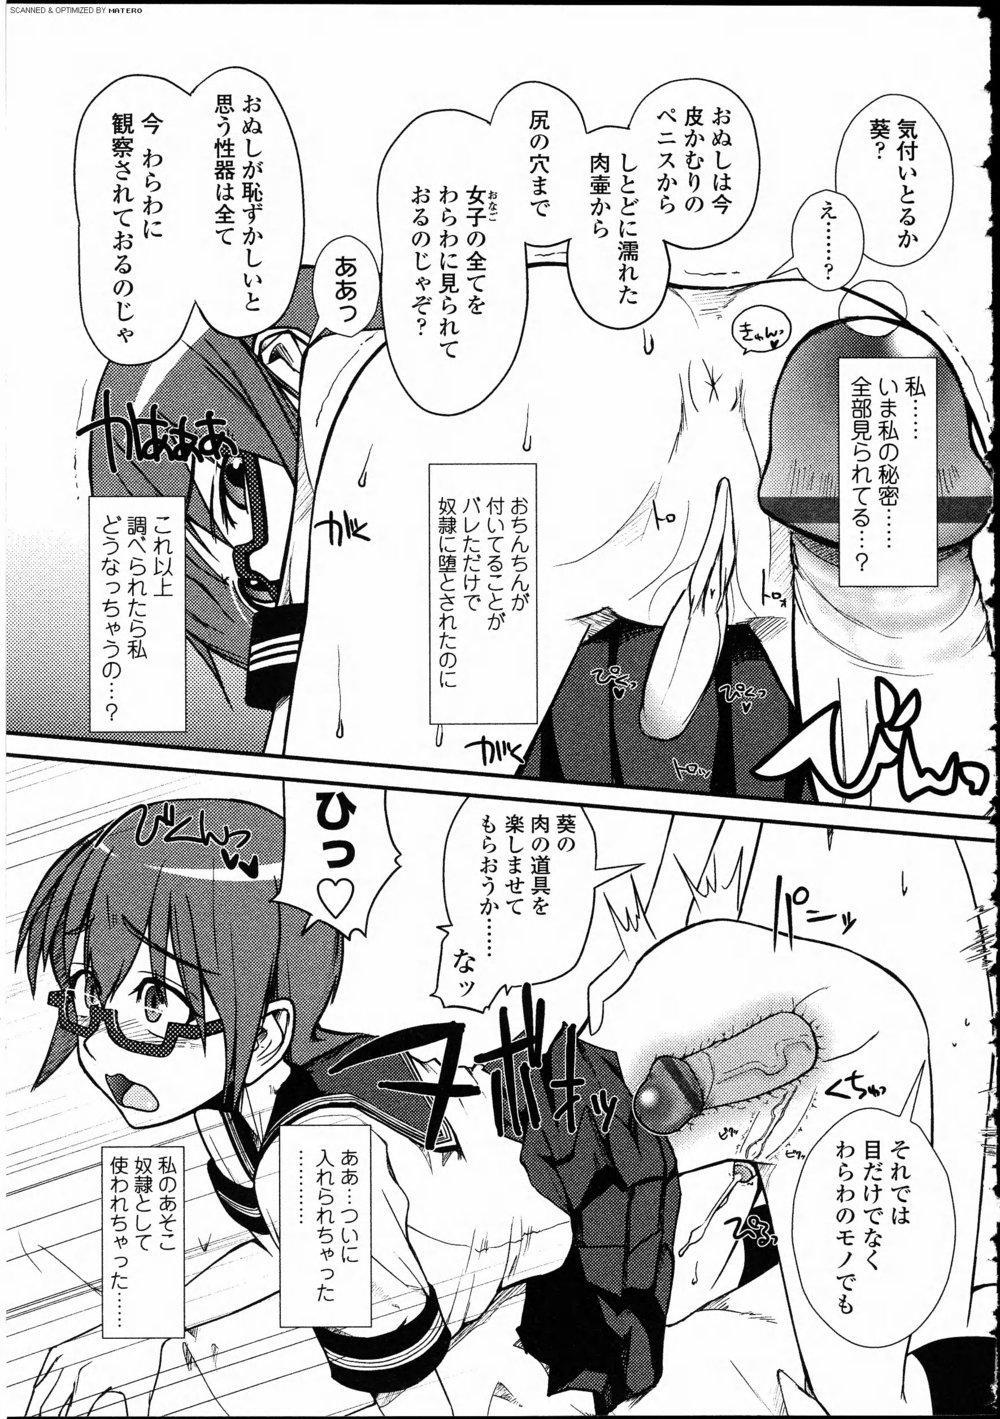 Futanarikko LOVE 10 144